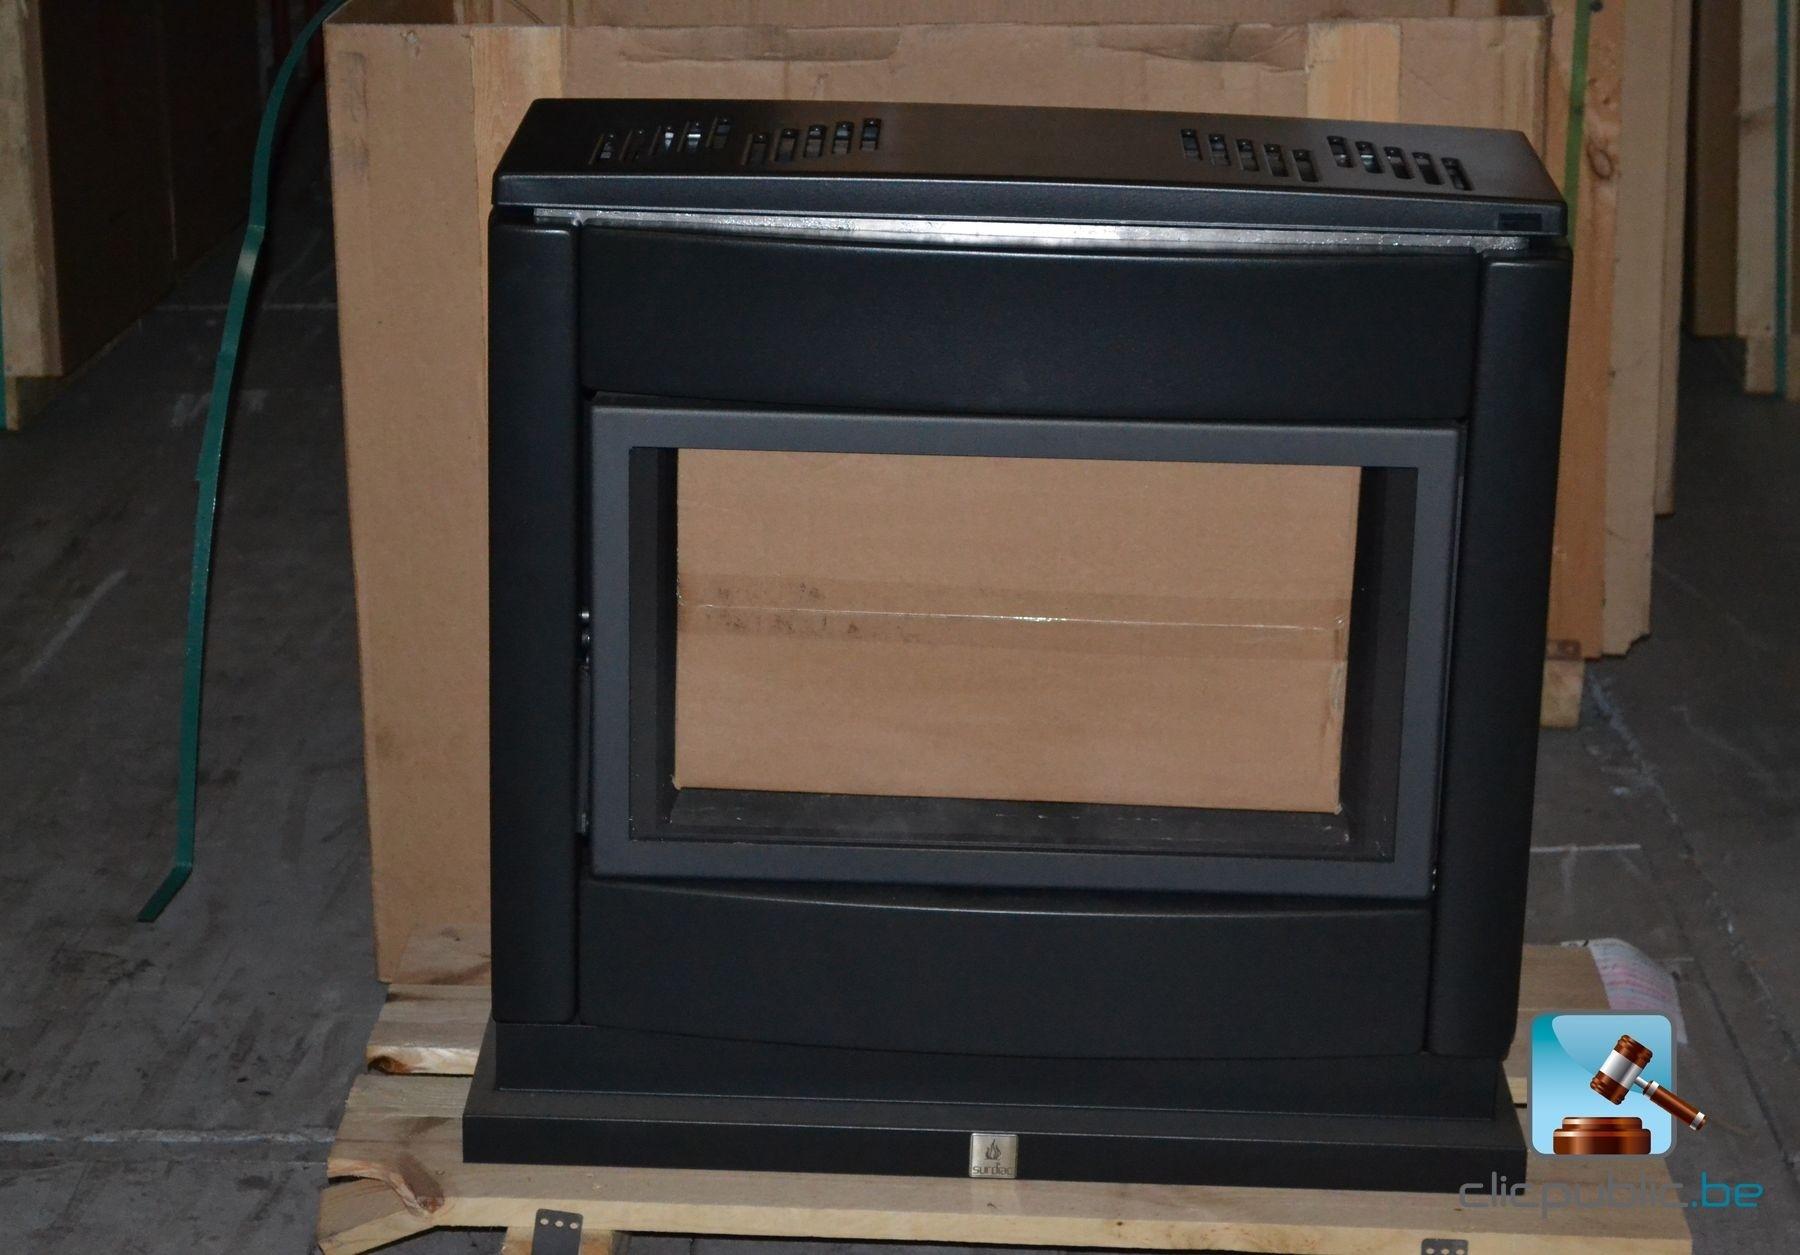 po le au gaz surdiac luxe 10 gn anthracite vendre sur. Black Bedroom Furniture Sets. Home Design Ideas